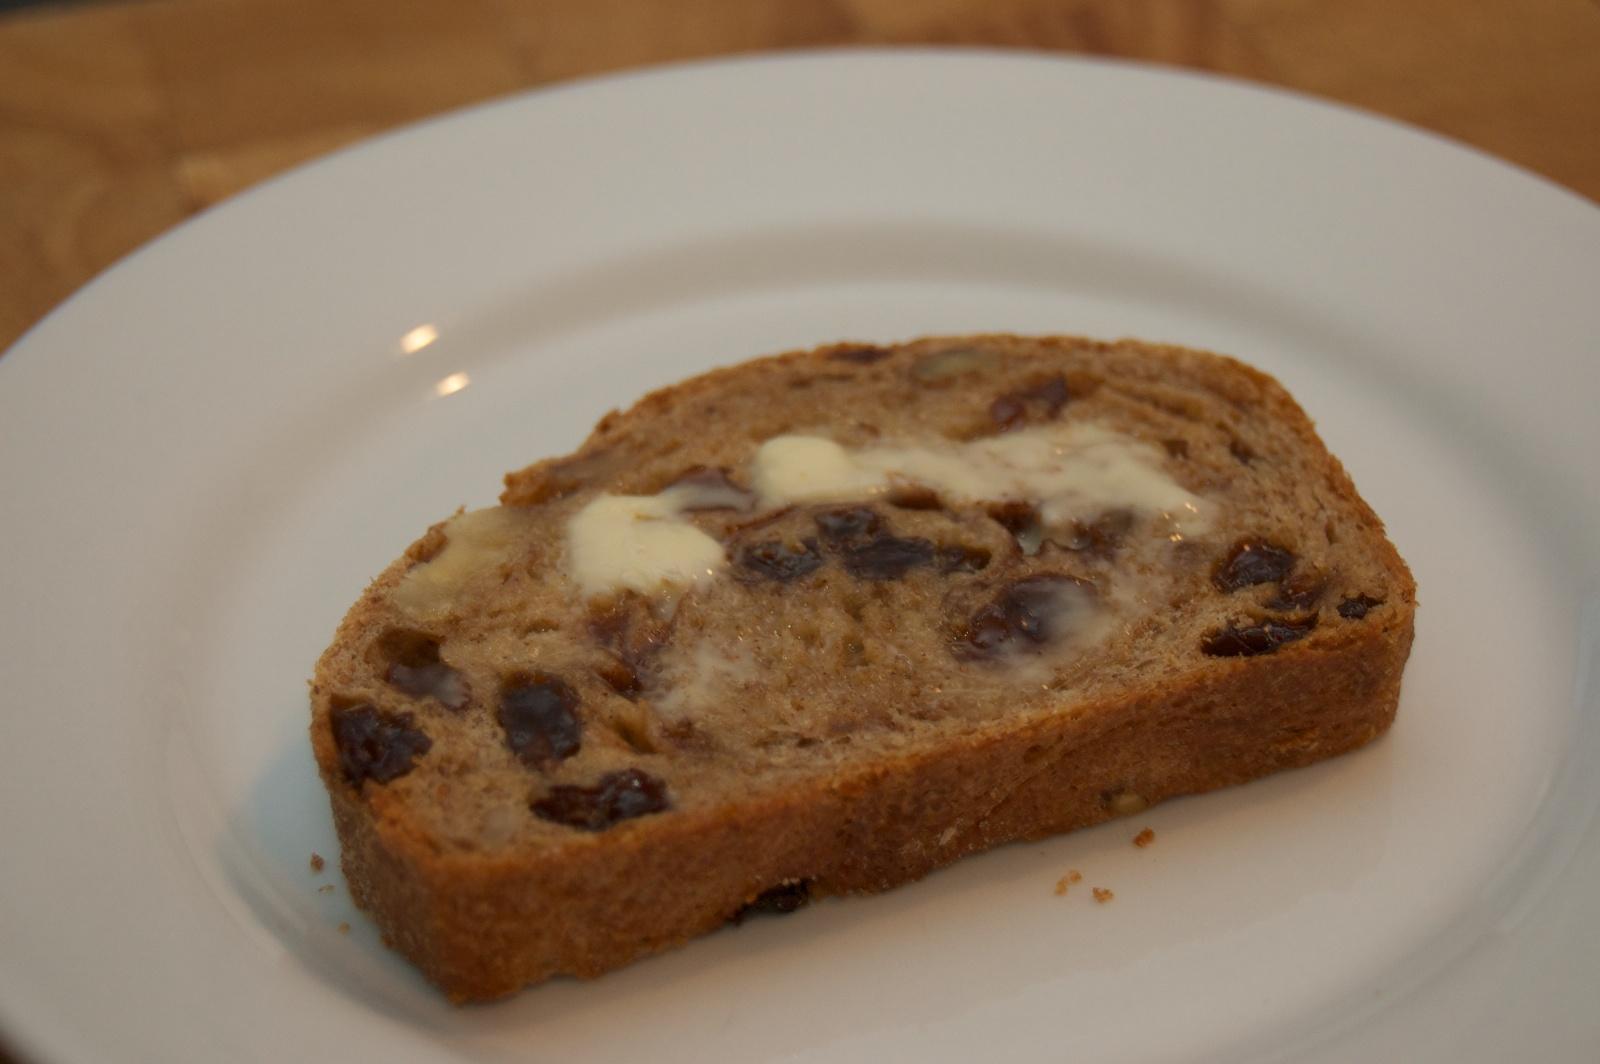 http://blog.rickk.com/food/2011/03/13/raisinbread5.jpg